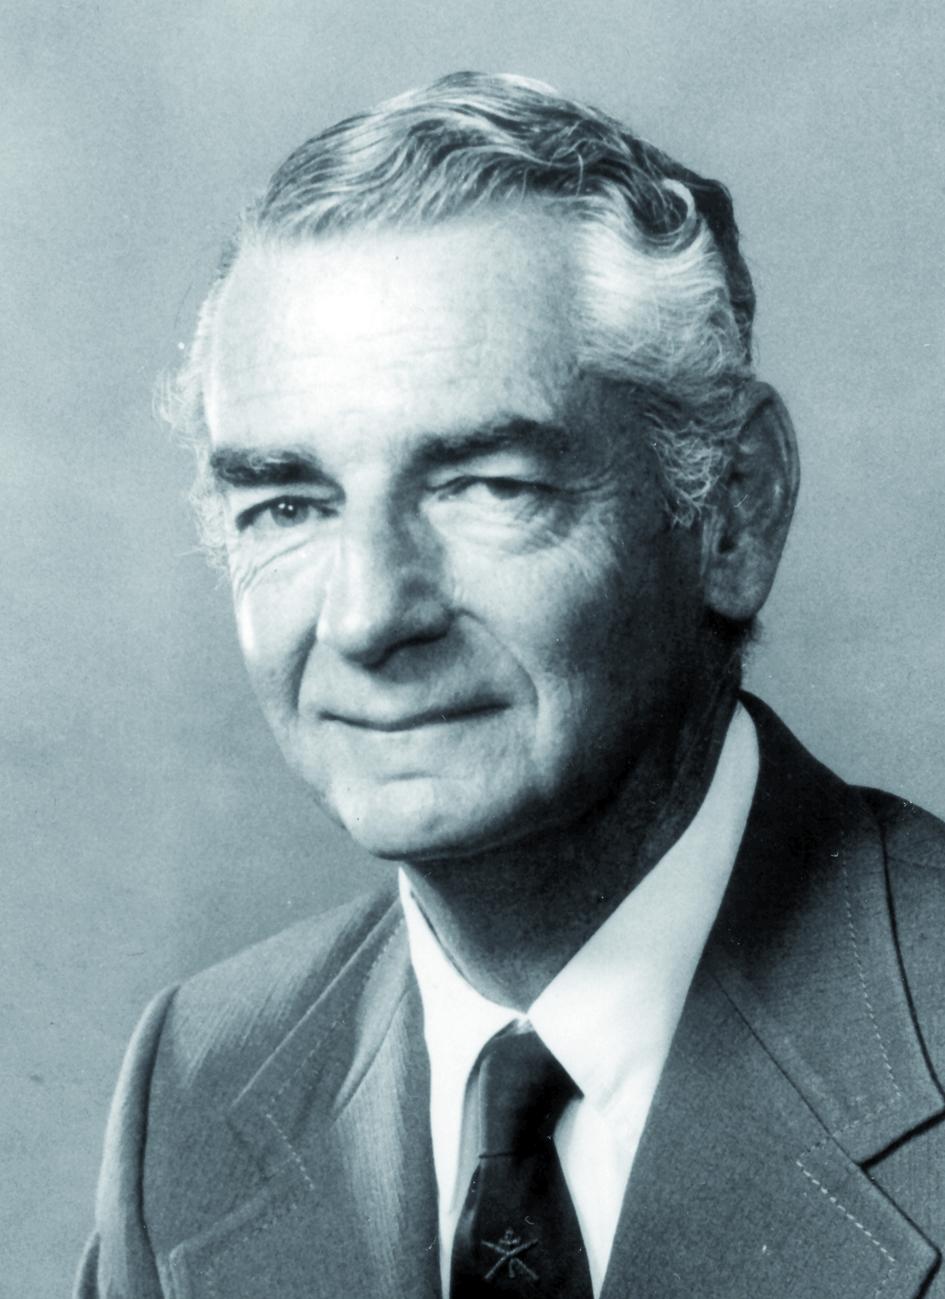 Portraitfoto von Herrn Davis-Philip-E. Palmer.